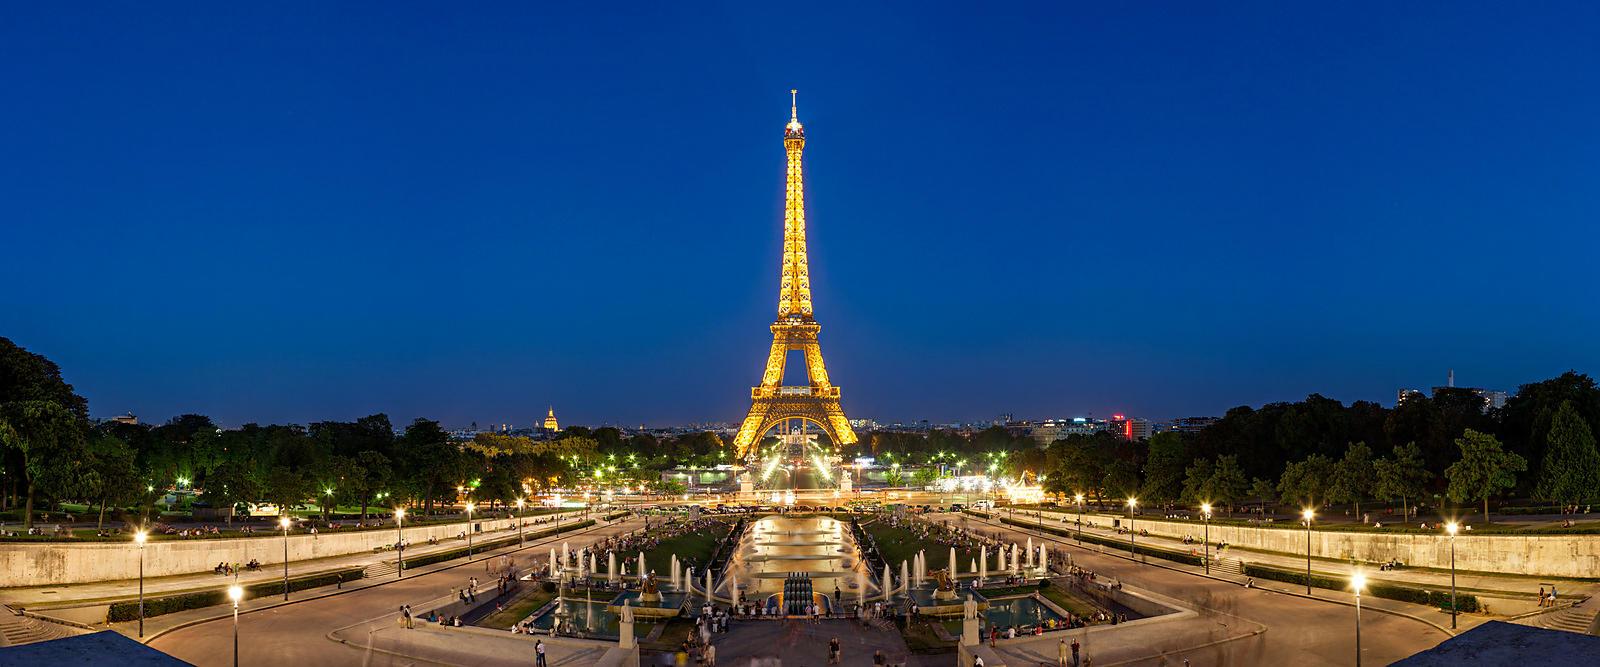 Phototh que arnaud frich la tour eiffel depuis le trocadero au cr puscule - Les dimensions de la tour eiffel ...